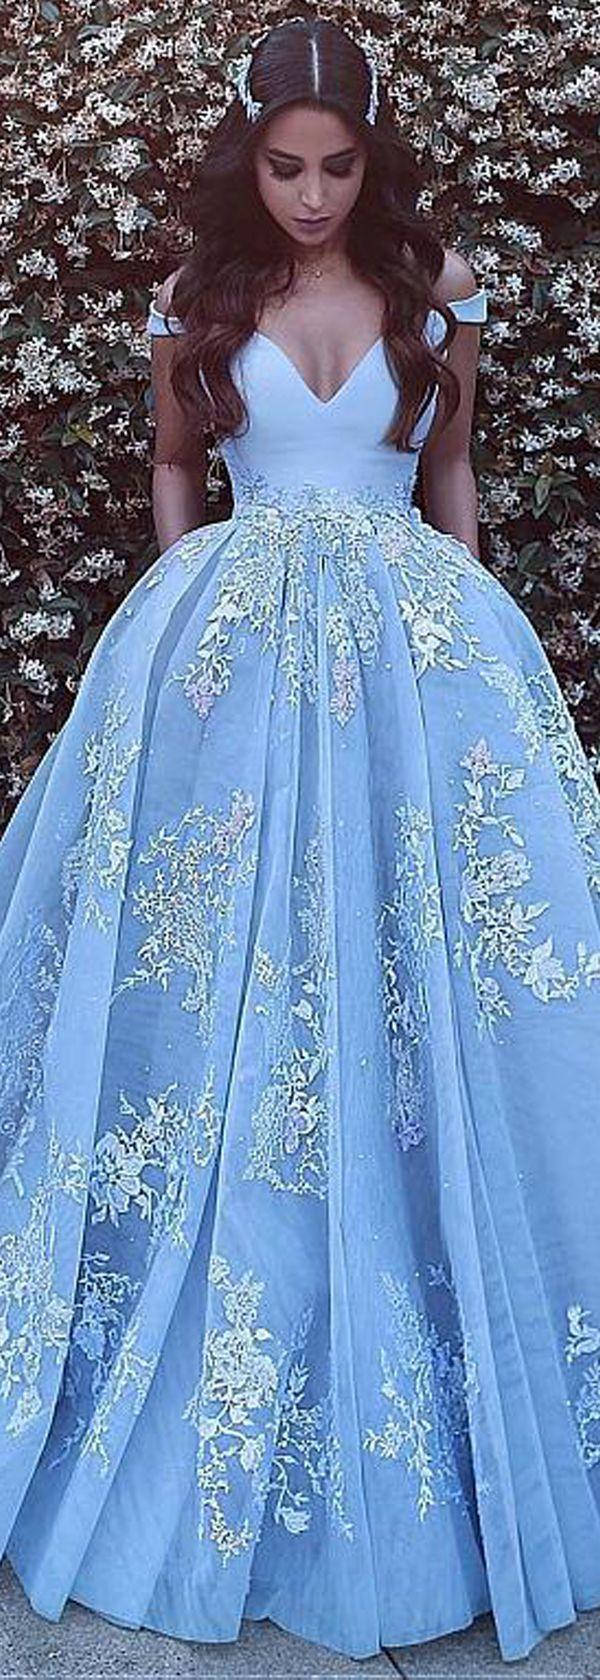 Wonderful satin u tulle offtheshoulder neckline ball gown evening